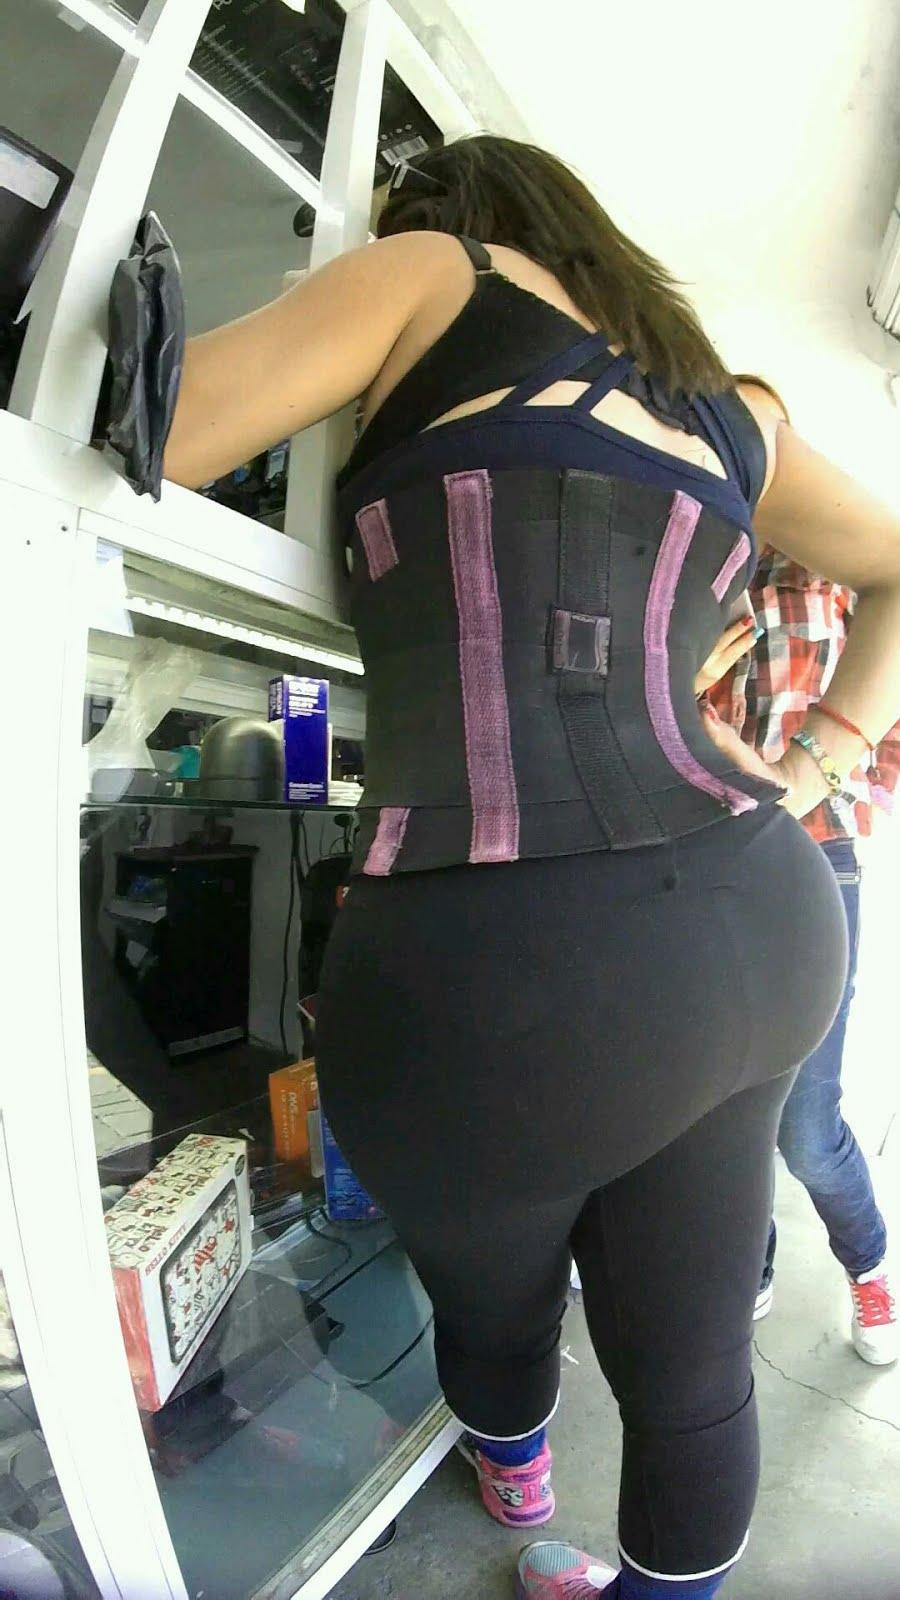 Culona de leggins negros en fila pagando claro - 2 part 6